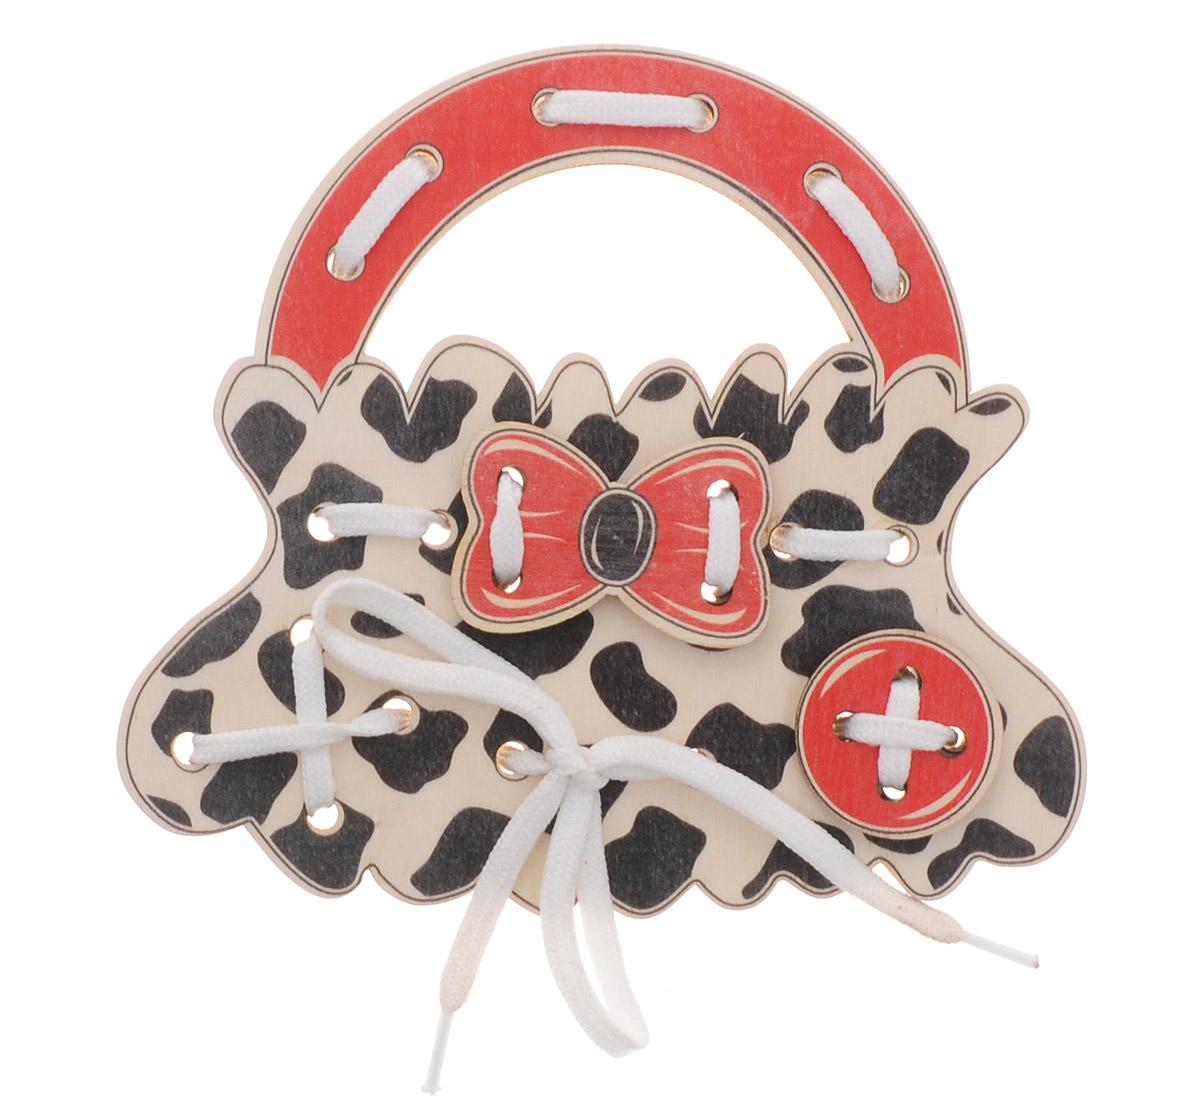 Развивающие деревянные игрушки Шнуровка Сумочка ДалматинецД473аШнуровка Развивающие деревянные игрушки Далматинец выполнена в виде сумочки для маленьких модниц. Играя с этой шнуровкой, ребенок научится шнуровать и завязывать шнурочки на бантик. Игрушка поможет ребенку развить воображение, научиться компоновать и привязывать различные элементы друг к другу, создавая свой модный детский аксессуар. Шнуровка - незаменимая игрушка для развития мелкой моторики, логики и воображения. А шнуровка в виде веселой игры станет для ребенка самым любимым развлечением.